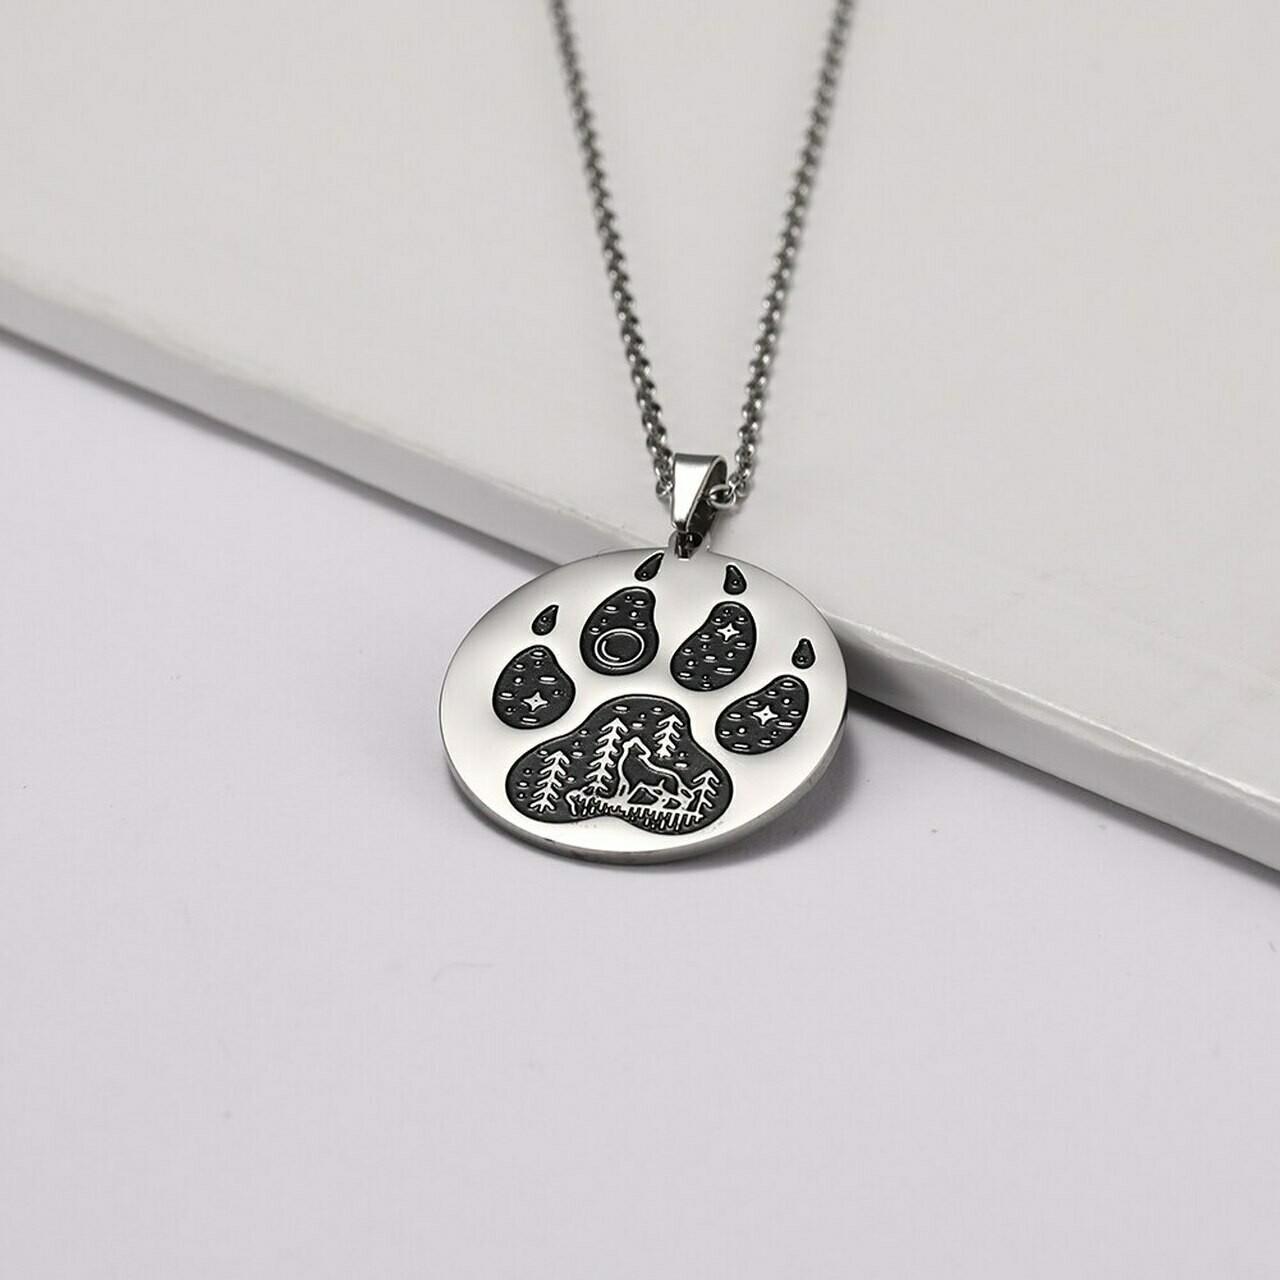 Necklace - Paw Print w/Scene